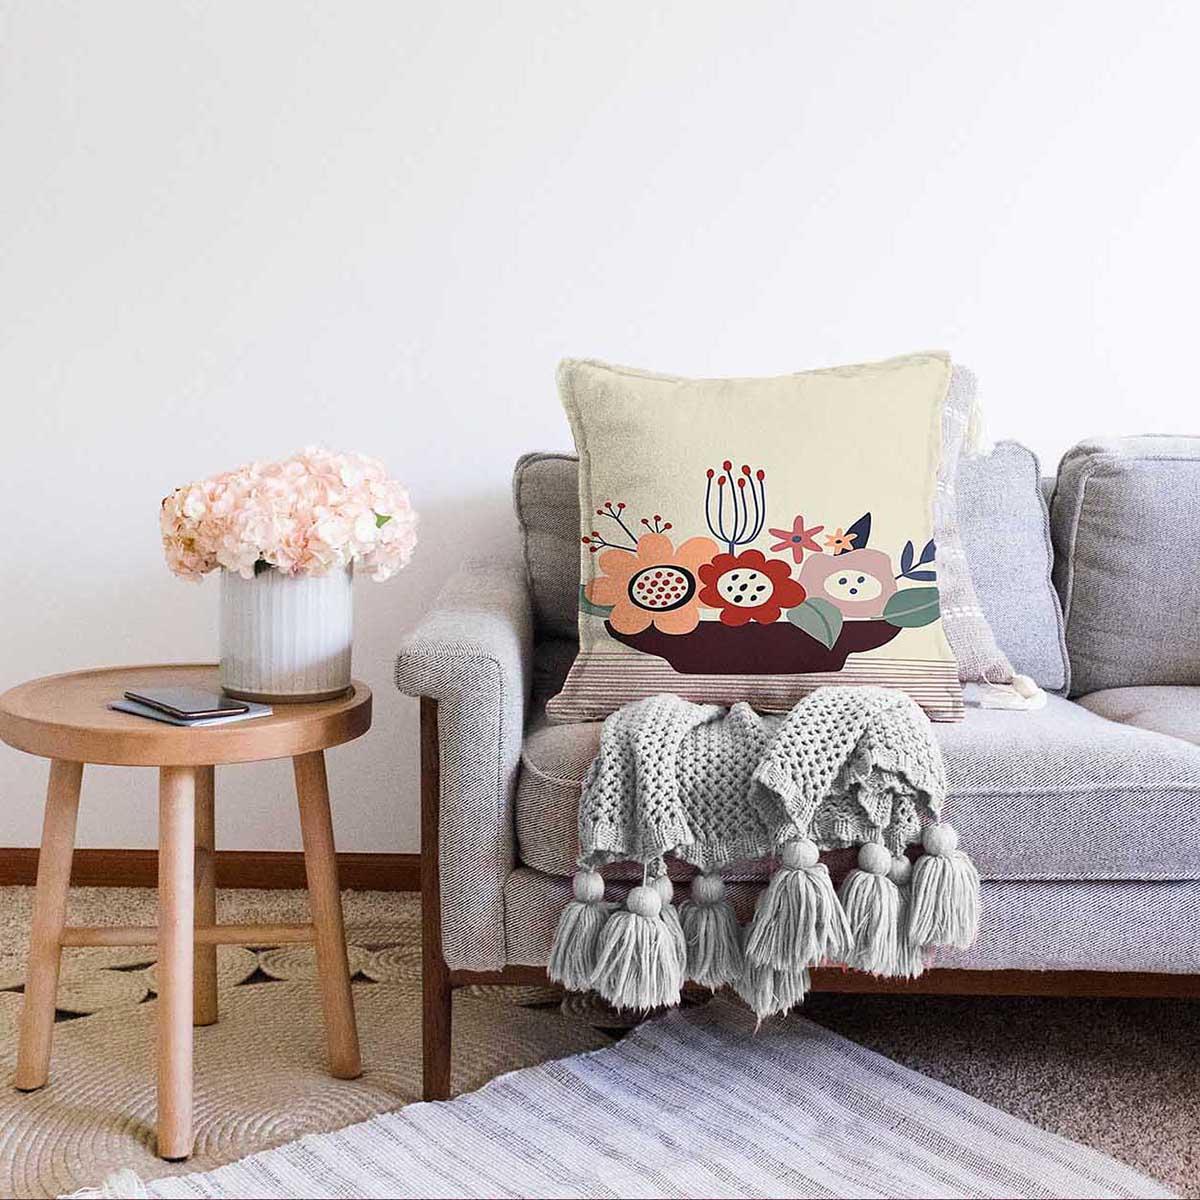 Çift Taraflı Renkli Zeminli Onedraw Çizimli Çiçek Desenli Dijital Baskılı Modern Şönil Kırlent Kılıfı Realhomes